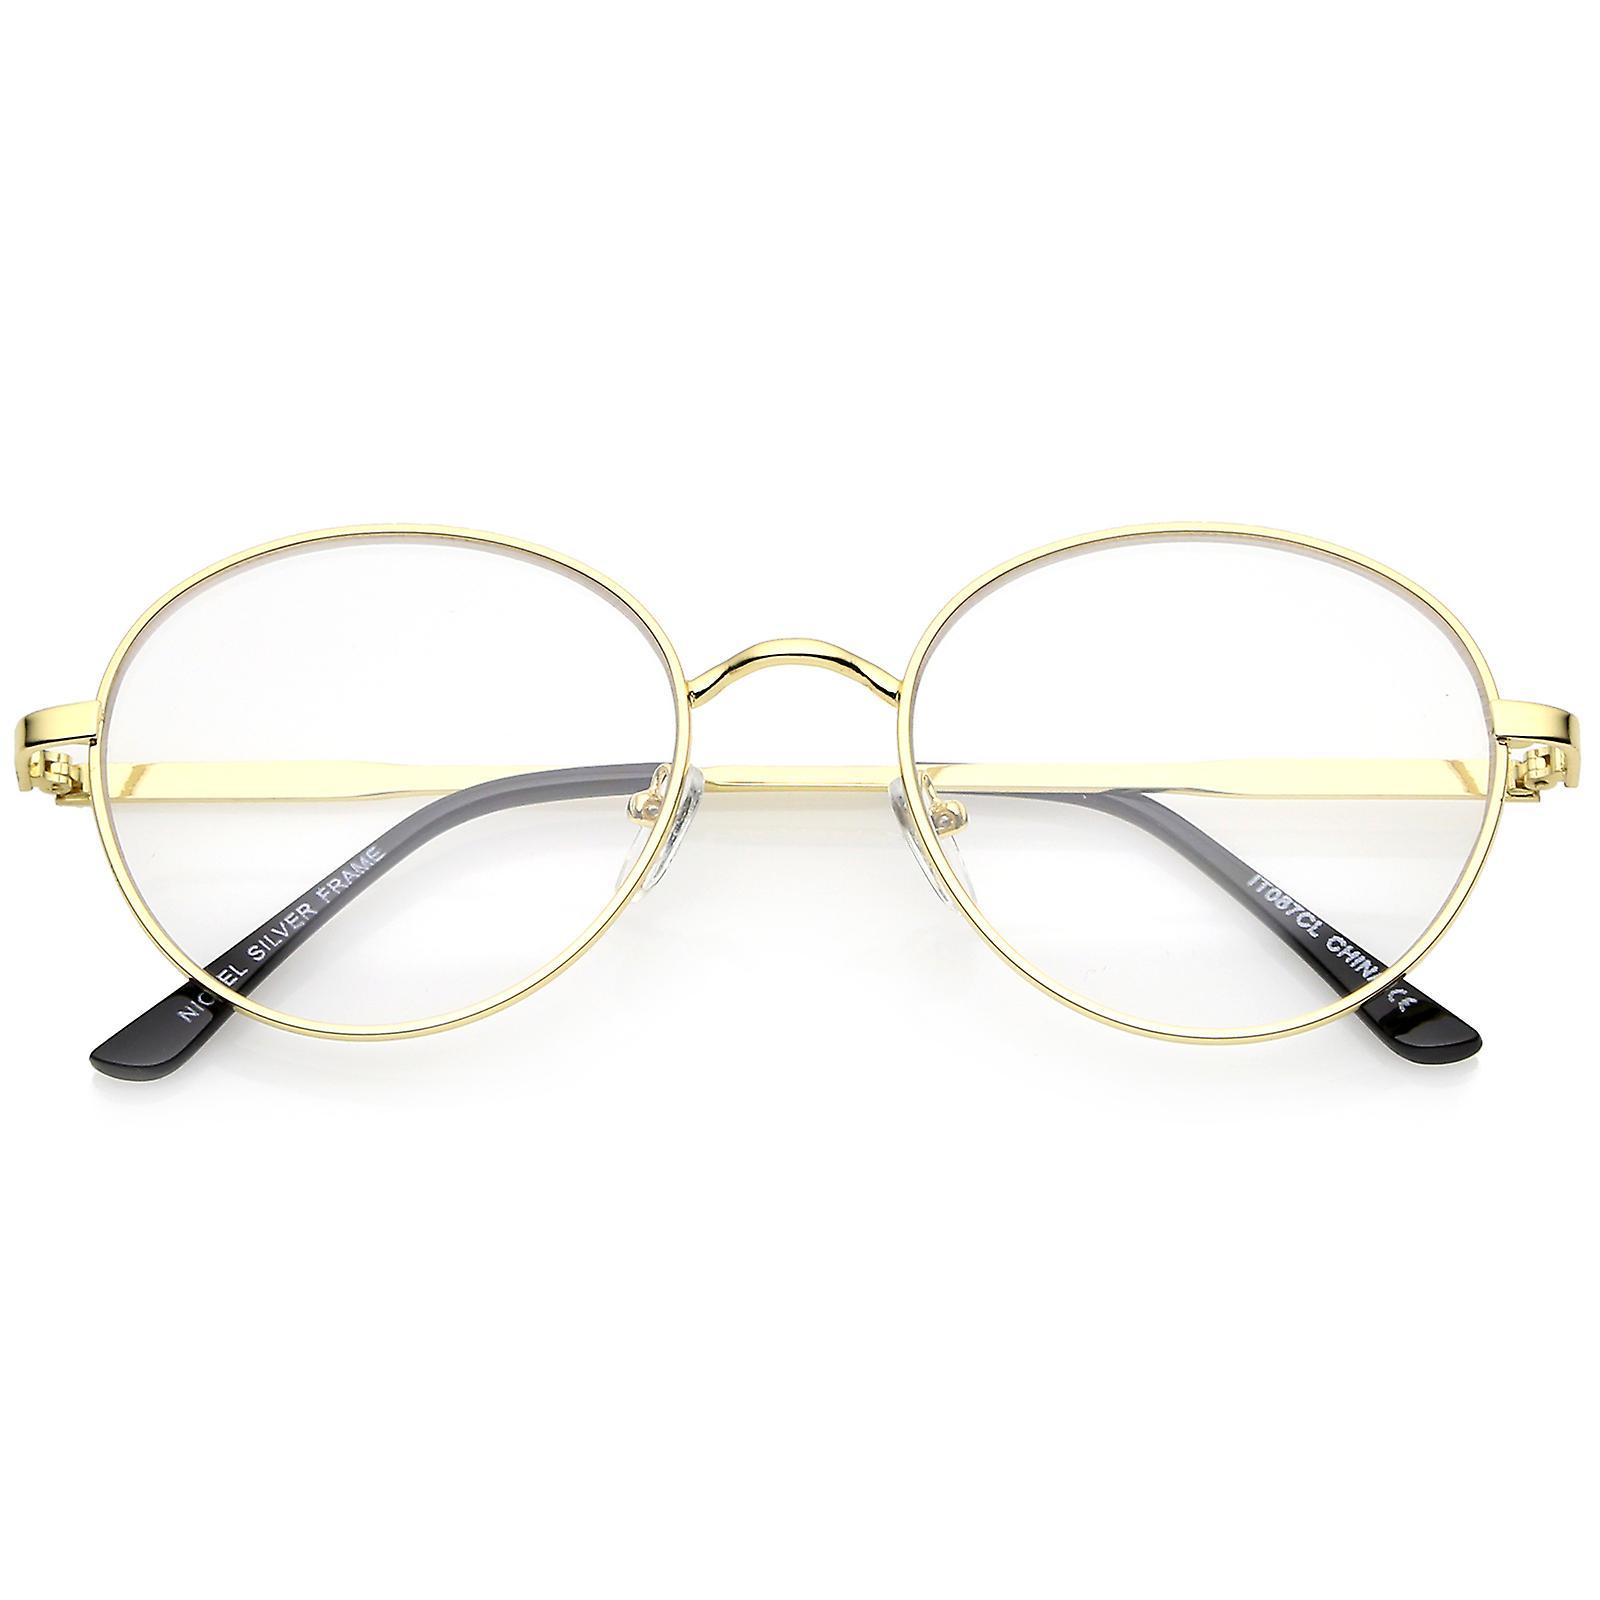 Klassiska metallram Slim templet klar lins runda glasögon 53mm  b87abf22c19d7